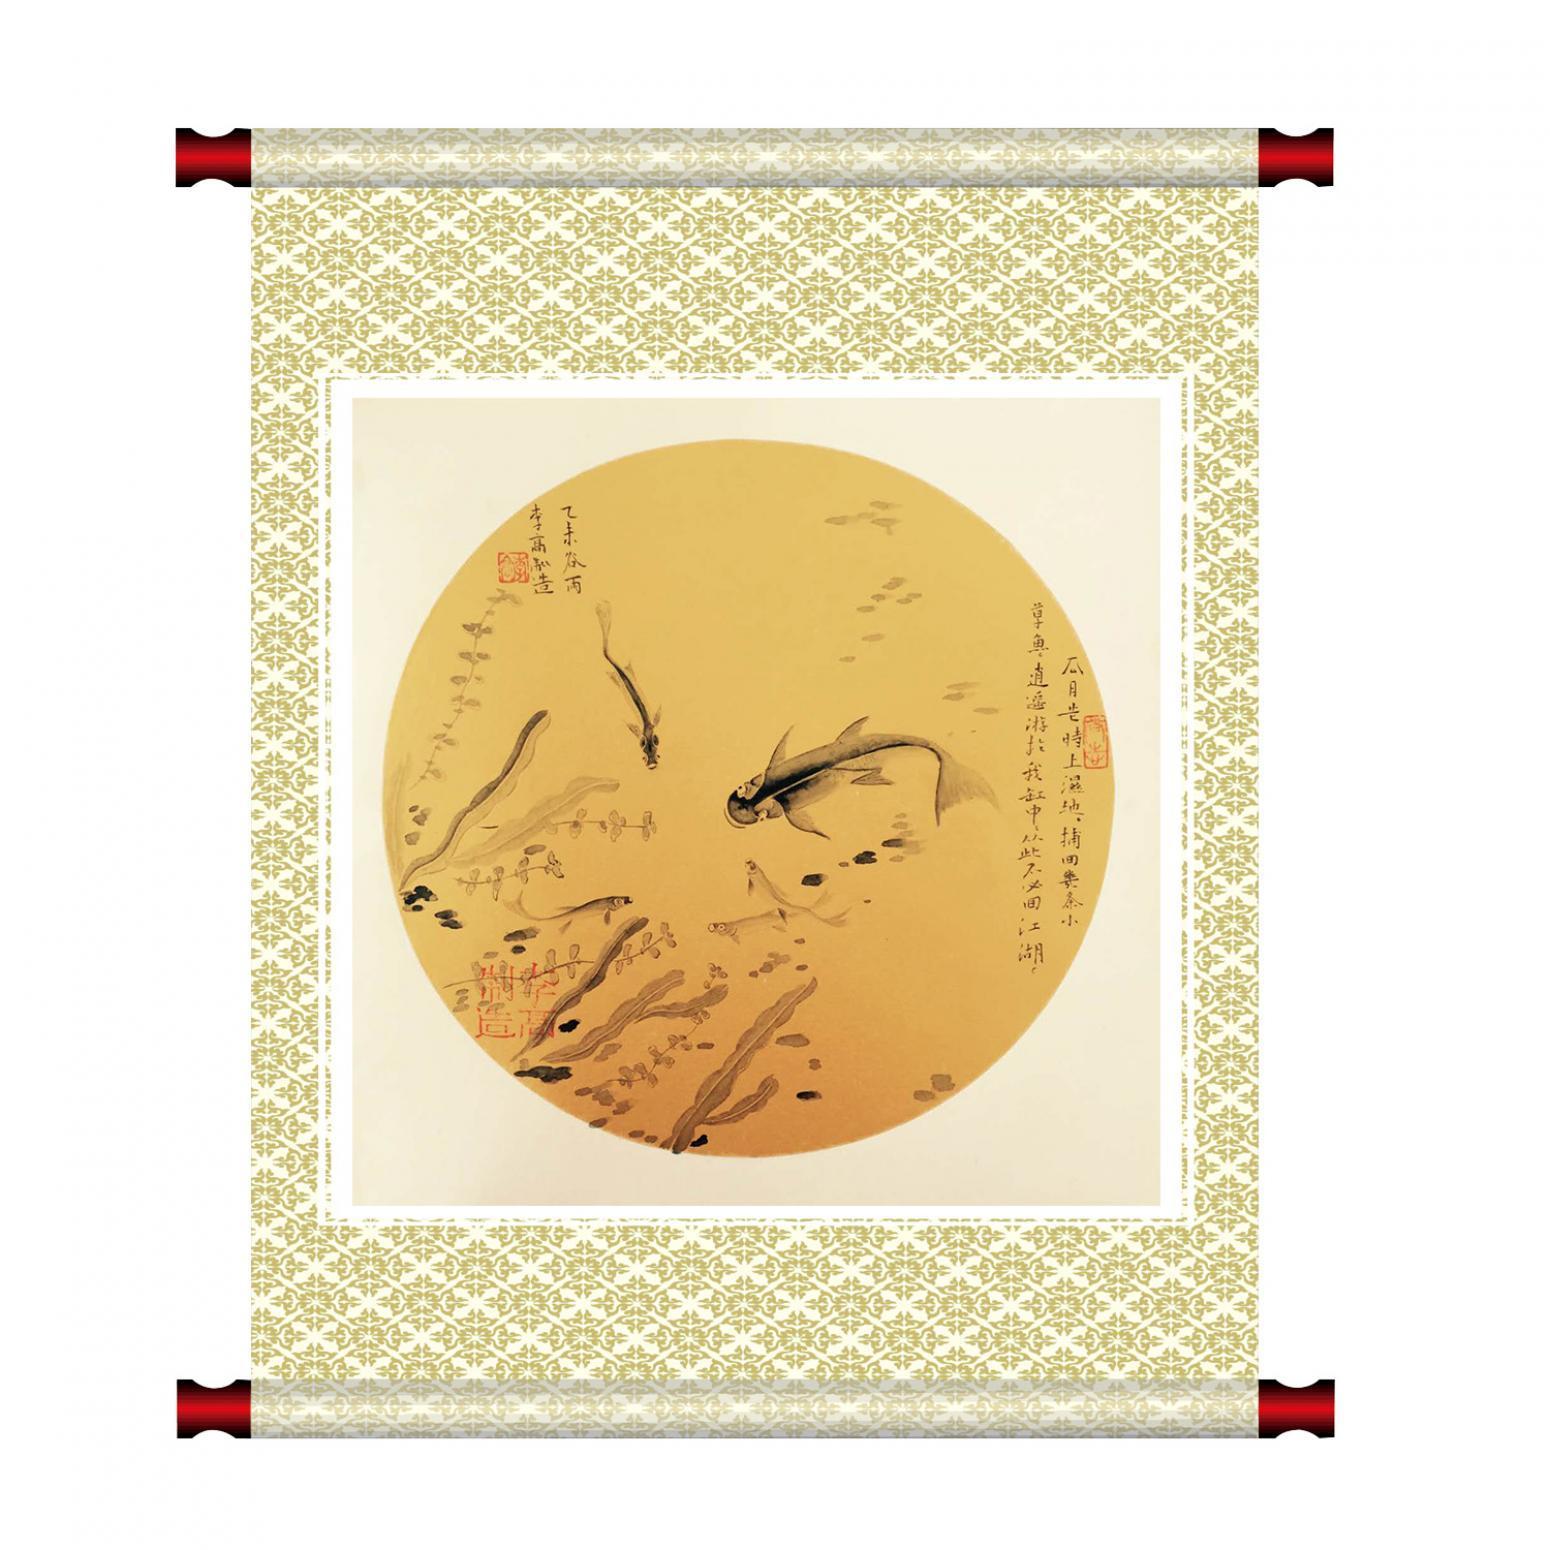 李高国画作品《【游鱼】作者李高》【图1】